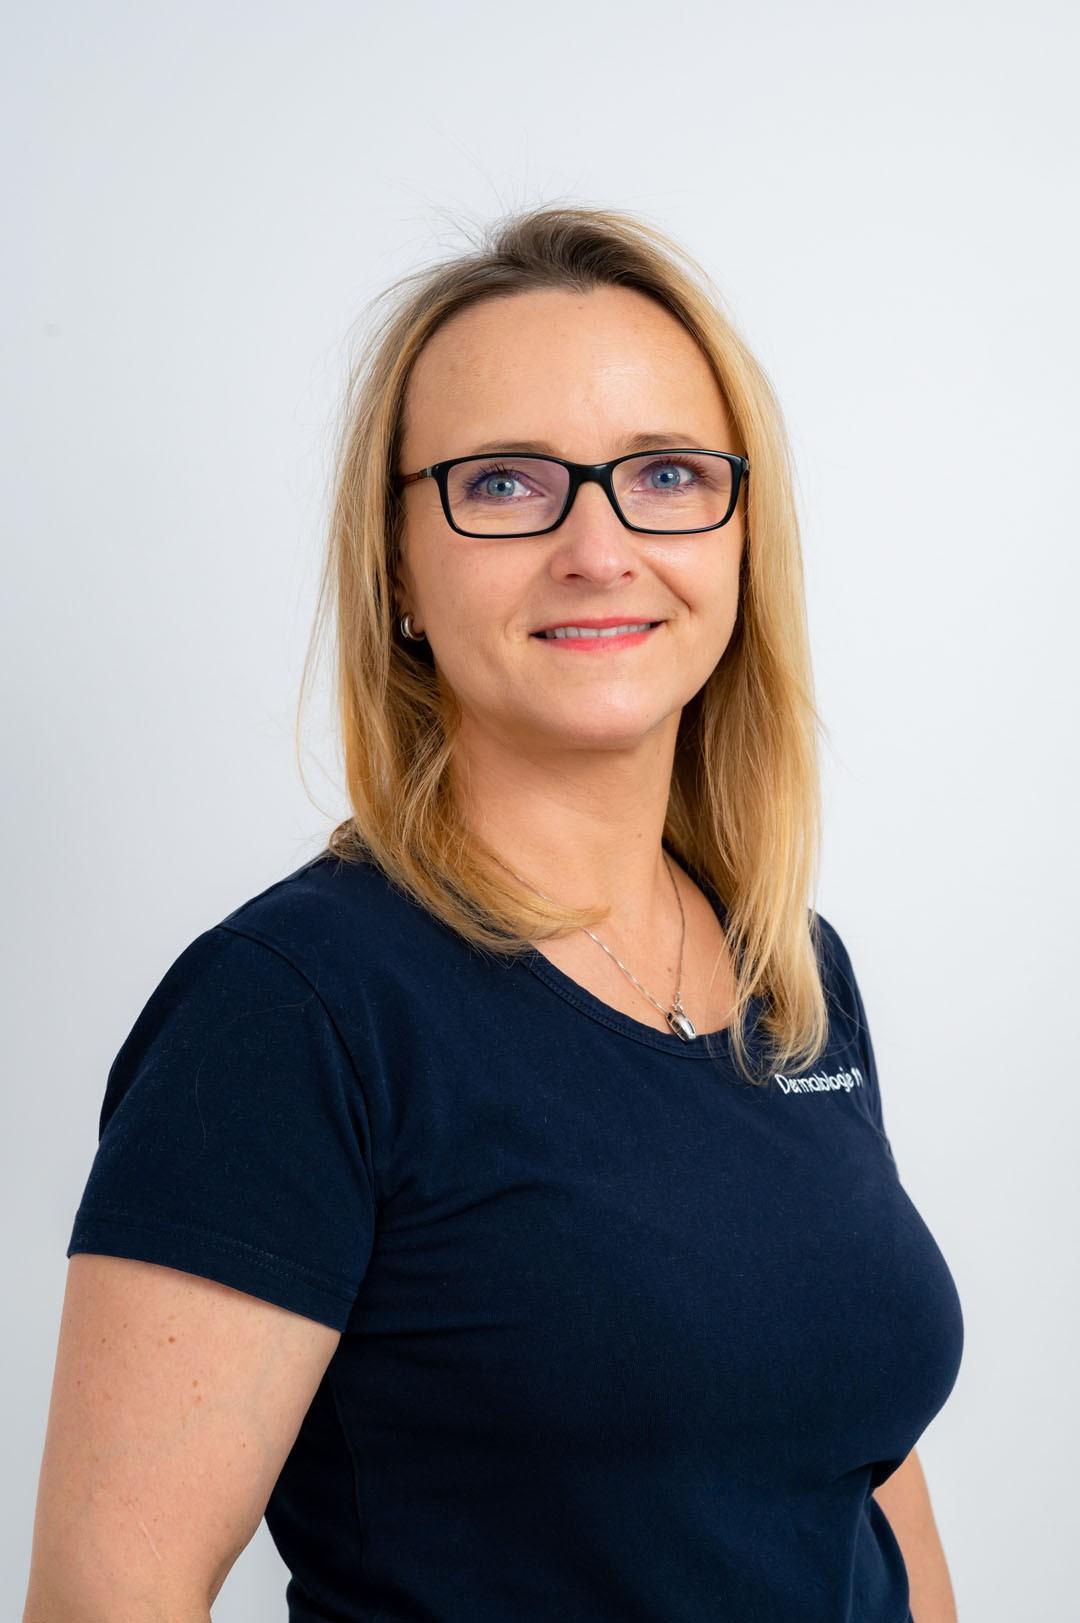 Aneta Janicka